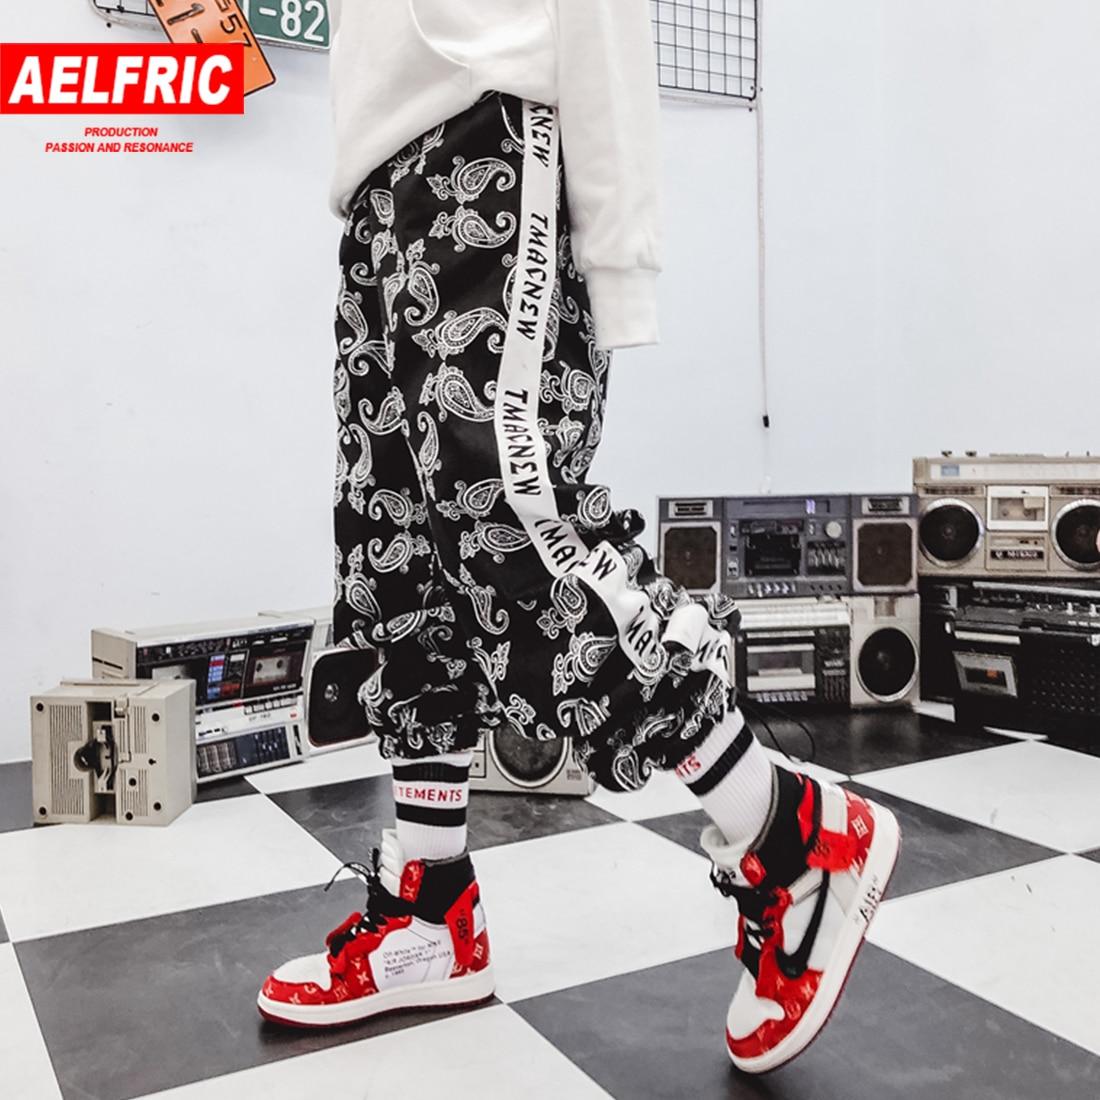 Marca Aelfric 2019, pantalones de chándal informales sueltos, ropa de primavera para mujer, pantalones con estampado geométrico de letras laterales, pantalones Harem de Hip Hop